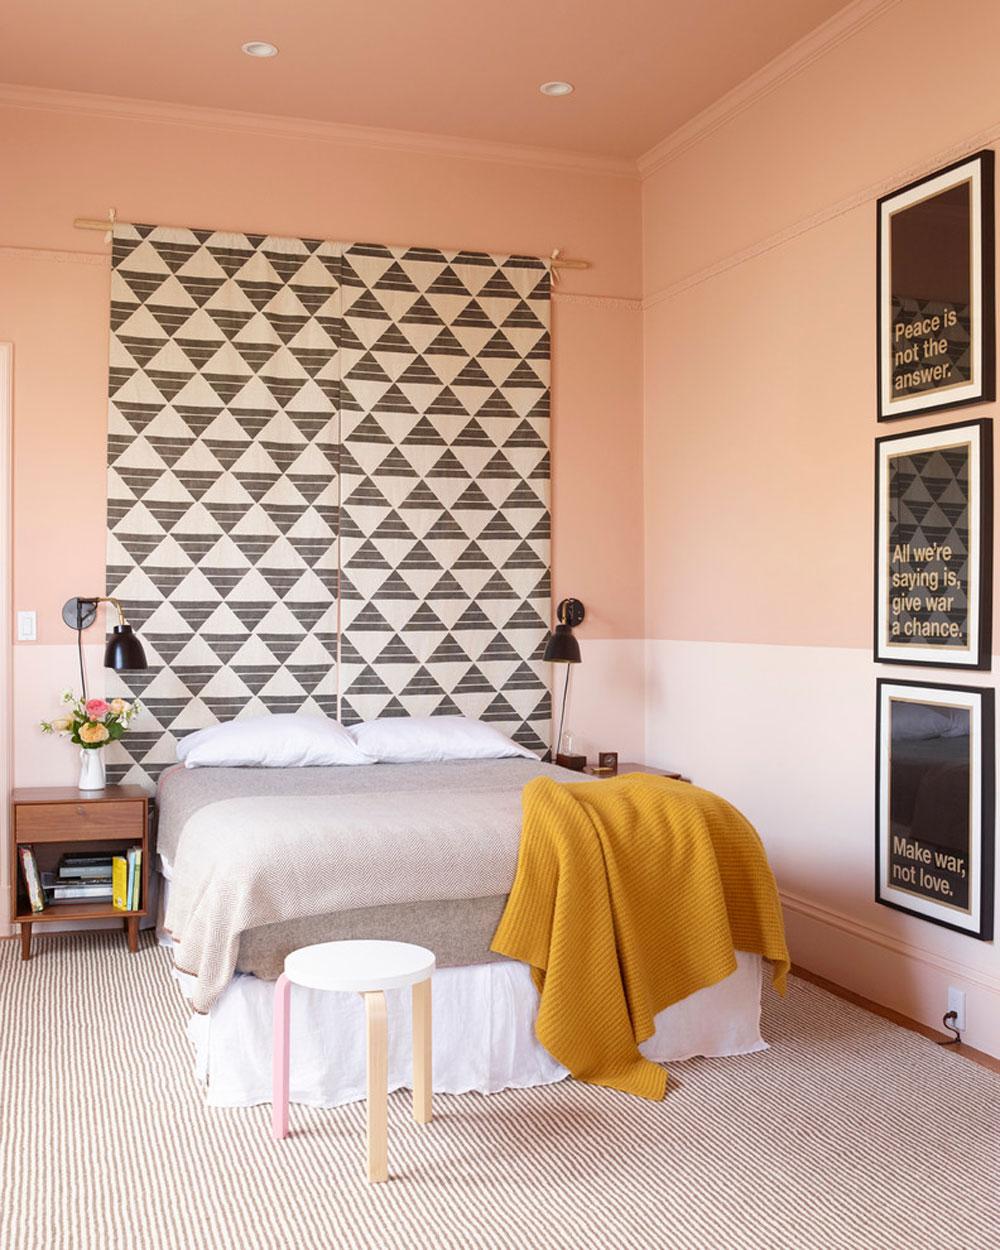 Castro-residence-by-the-office-of-Charles-de-Lisle Använd persikafärgen för att dekorera fantastiska interiörer